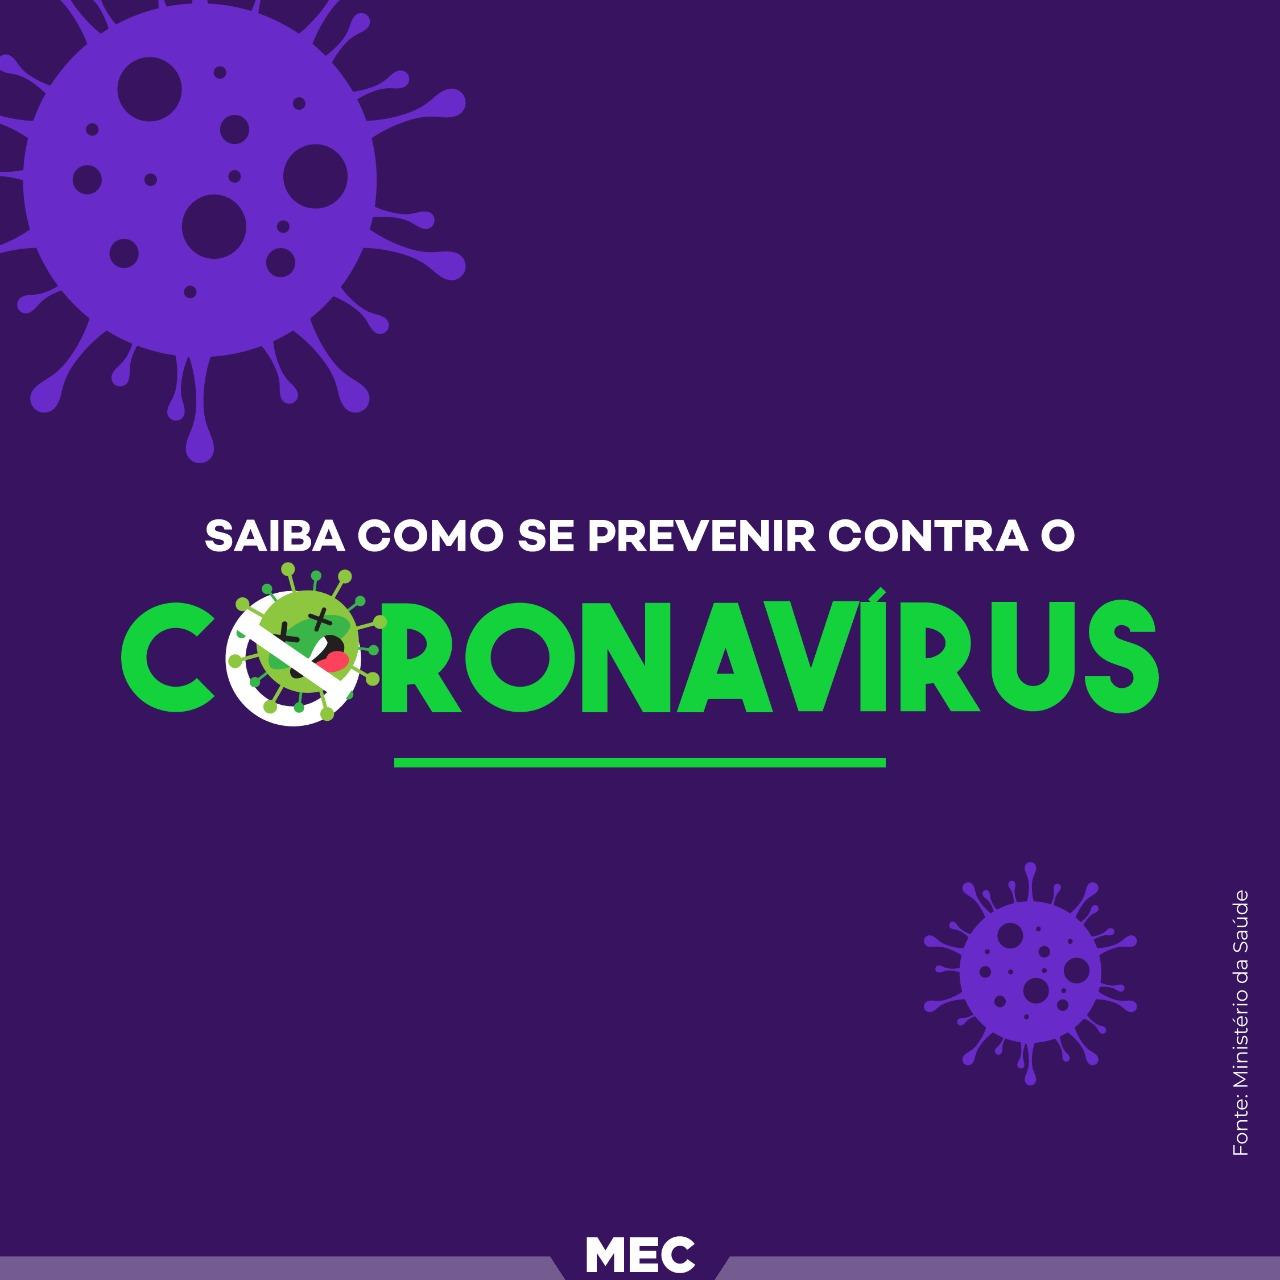 Ministério da Educação (MEC) orienta instituições de ensino na prevenção do Coronavírus